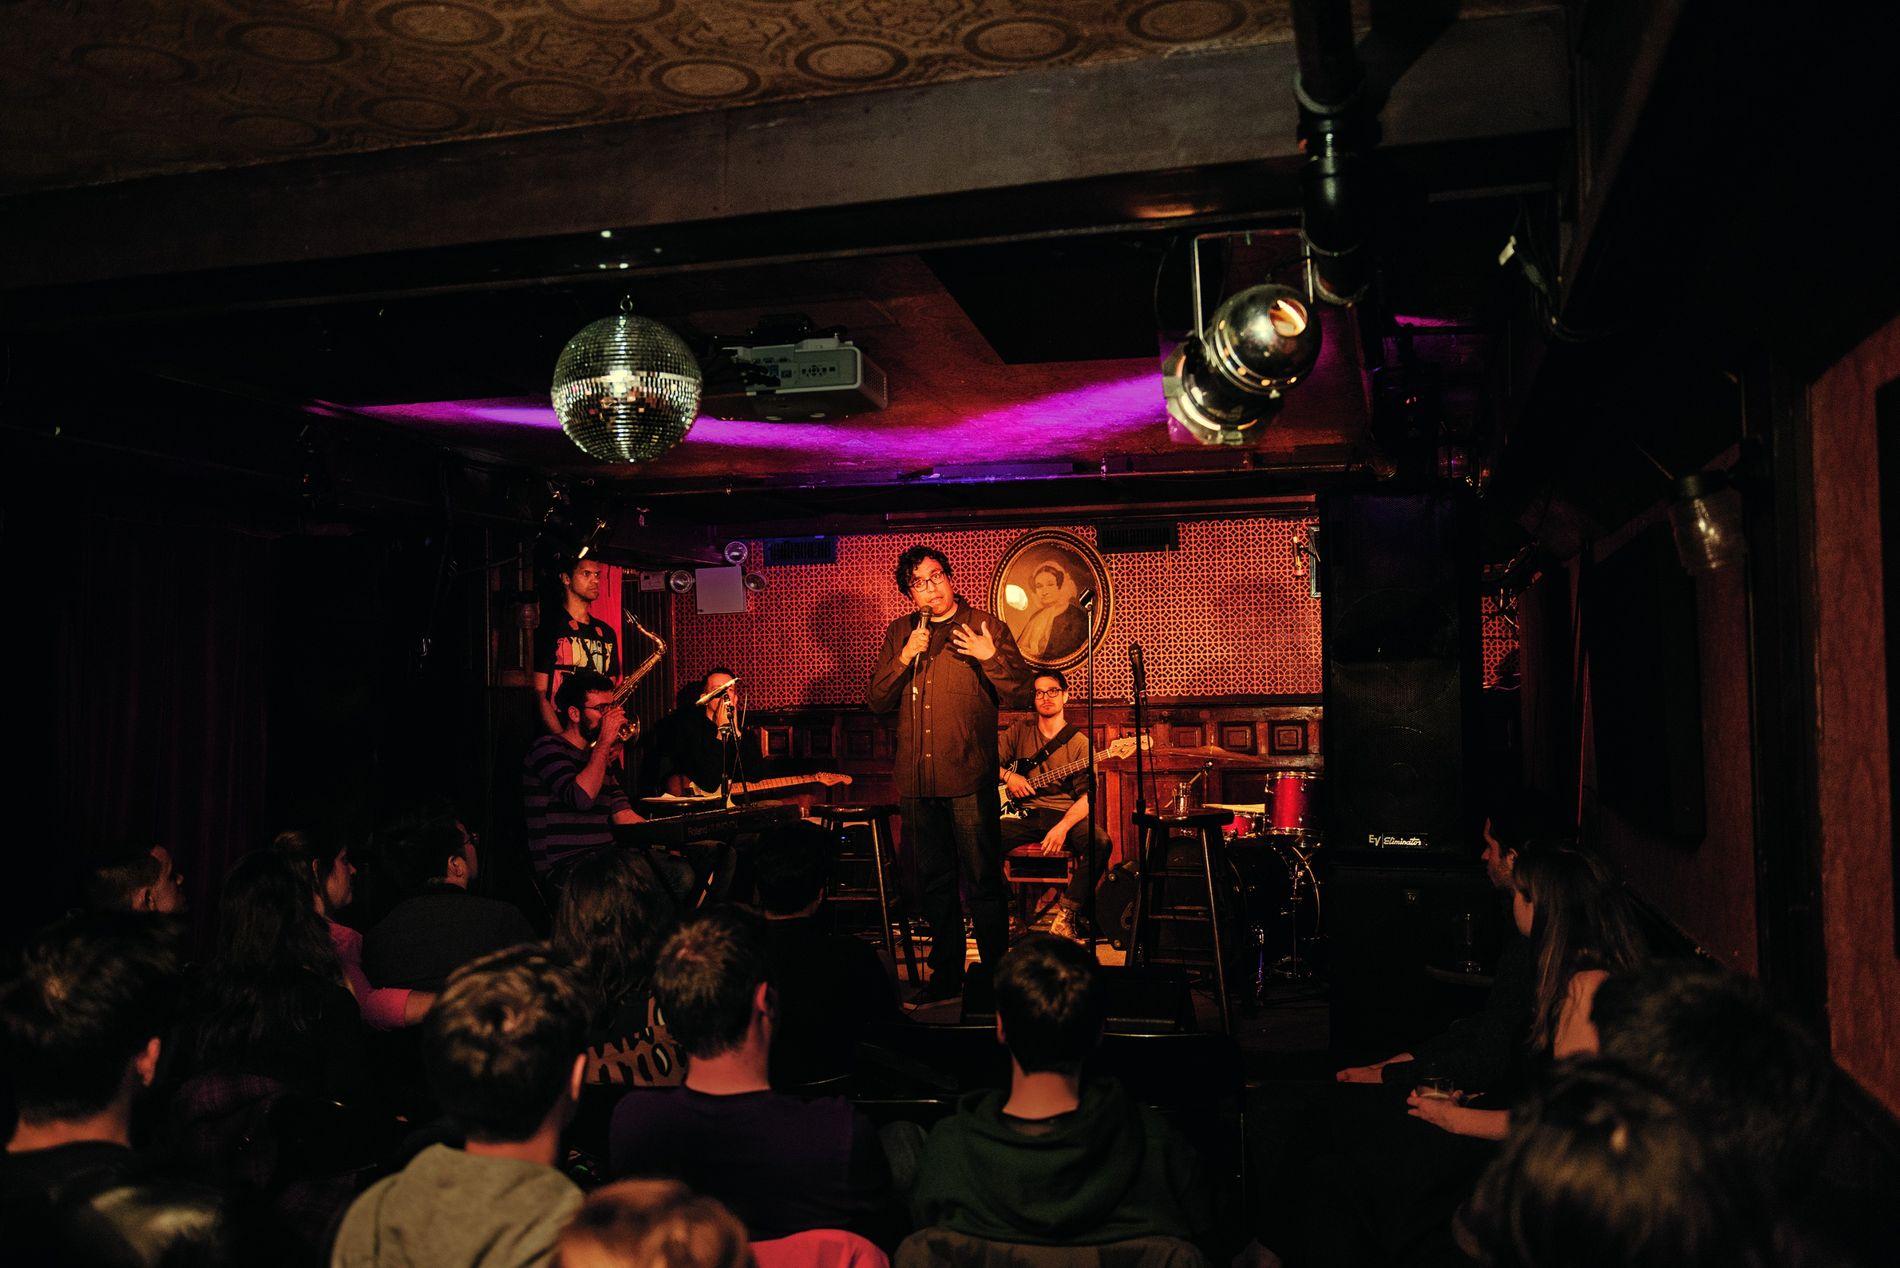 Hari Kondabolu bei einem Auftritt in der Union Hall in Brooklyn, New York. Kondabolu gehört zu den Comedians südasiatischer Herkunft, die in der US-amerikanischen Popkultur immer mehr an Bedeutung gewinnen.